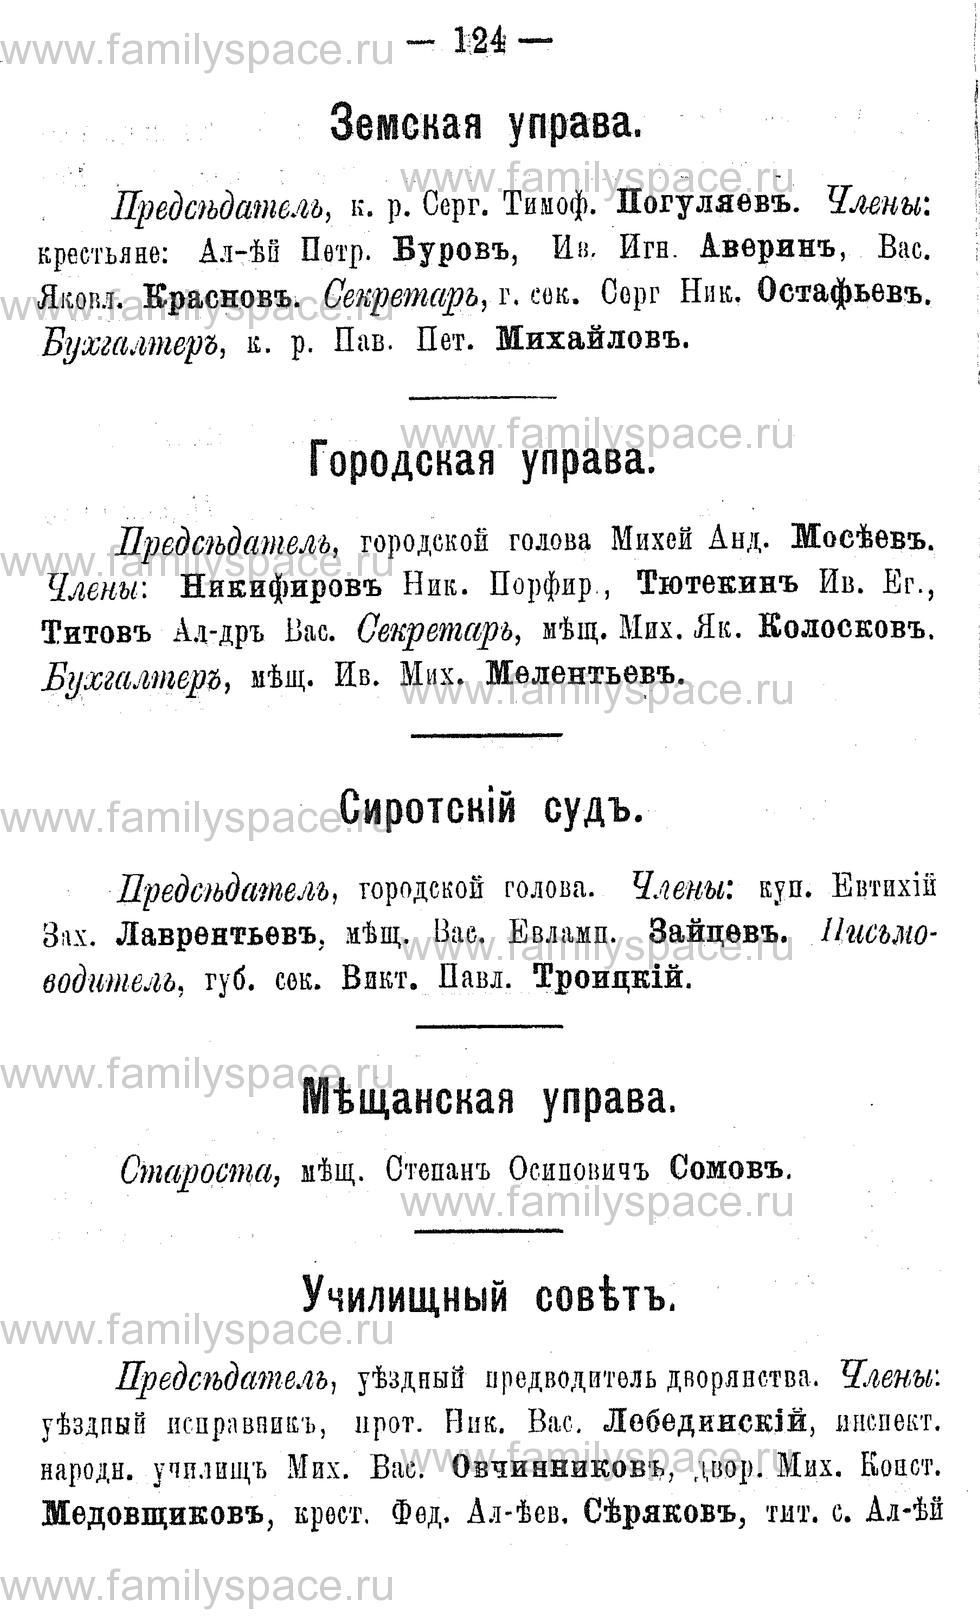 Поиск по фамилии - Адрес-календарь Нижегородской губернии на 1891 год, страница 124